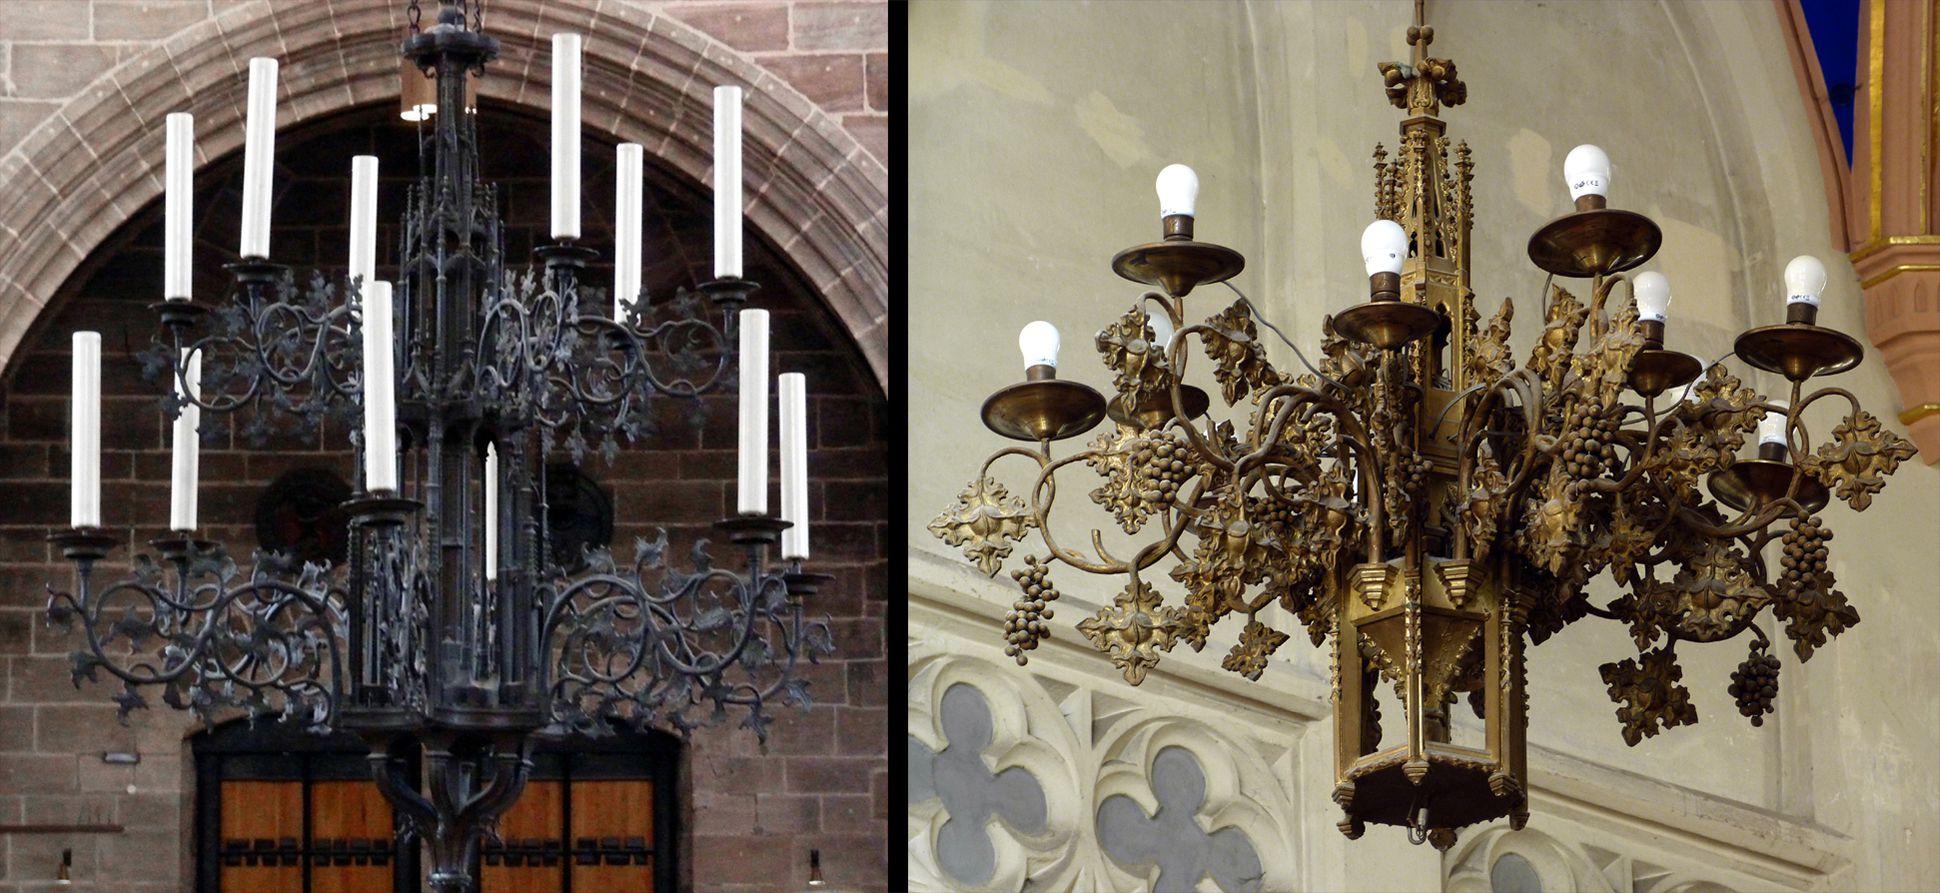 Stadtkirche St. Peter (Sonneberg) Vergleichsbild: Kronleuchter von Peter Vischer in St. Lorenz und Kronleuchter in Sonneberg